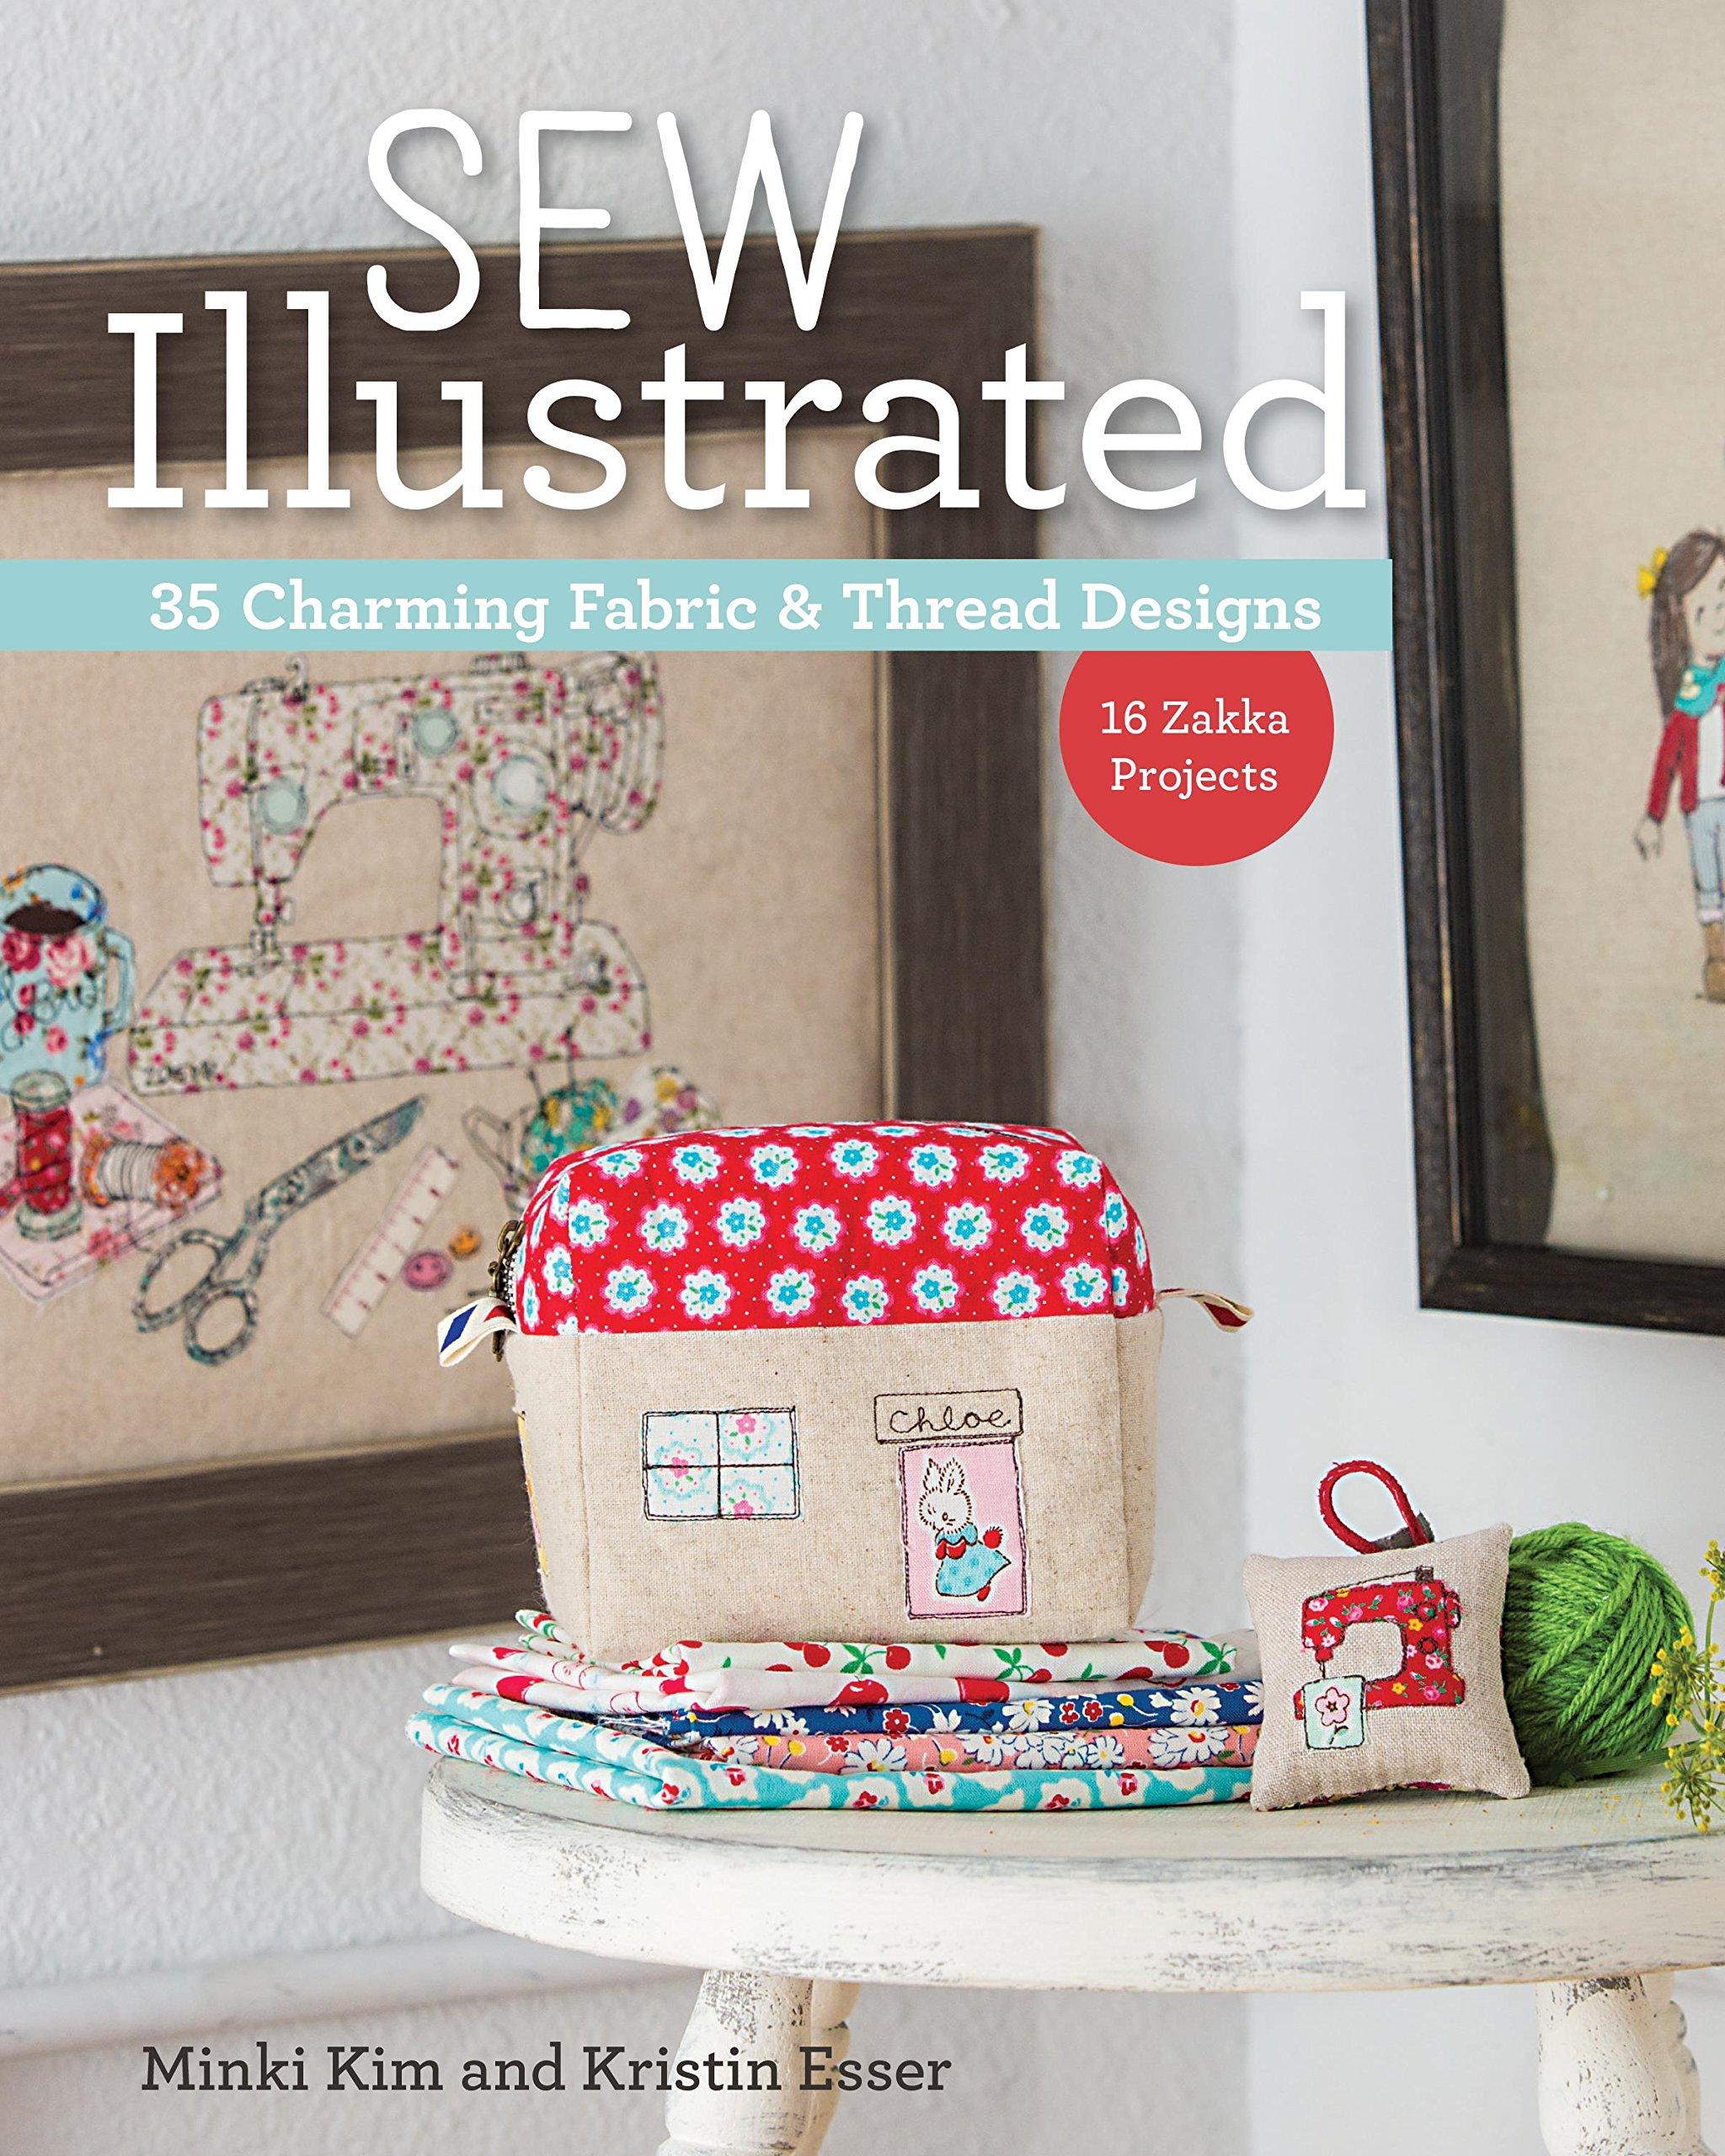 Sew Illustrated   35 Charming Fabric U0026 Thread Designs: 16 Zakka Projects:  Minki Kim, Kristin Esser: 9781617451782: Amazon.com: Books